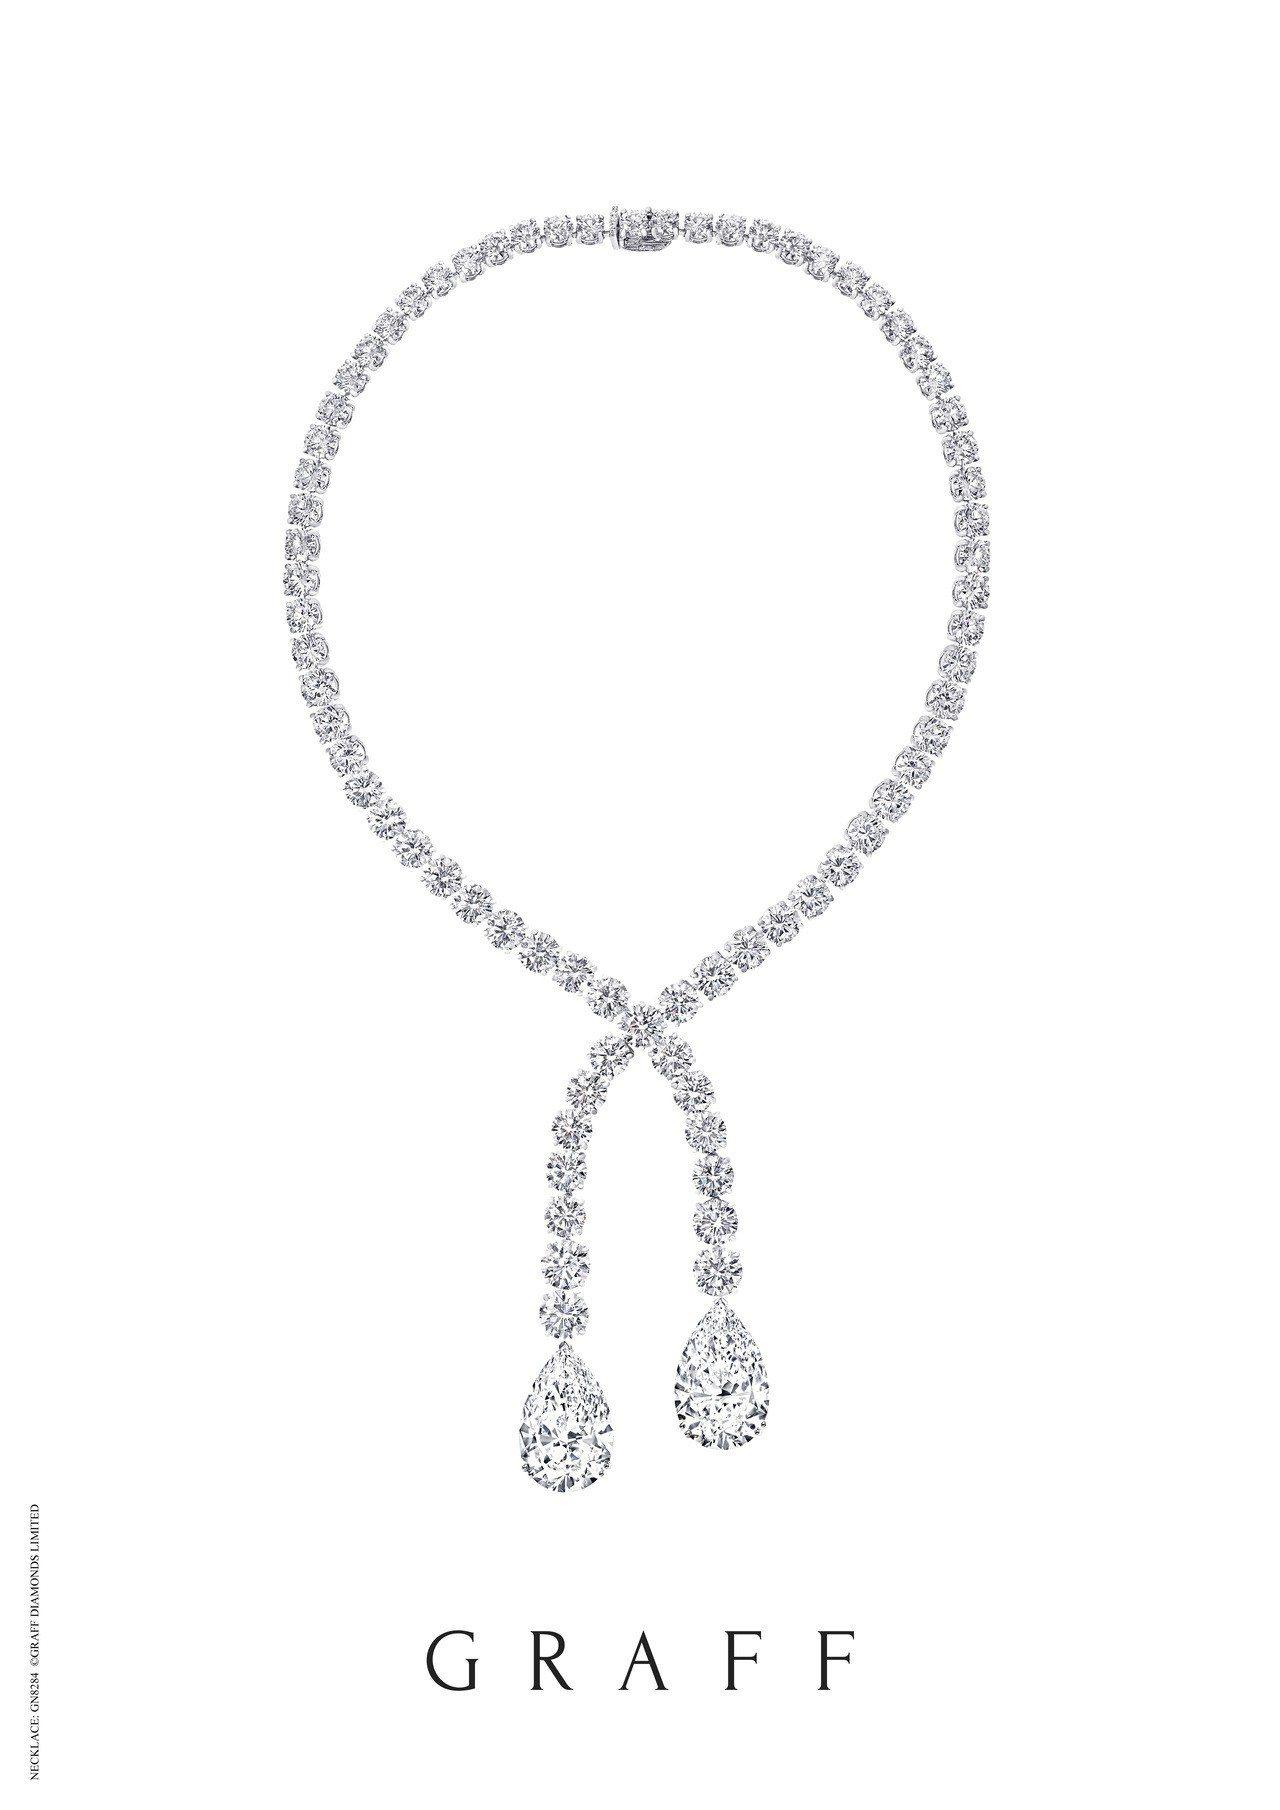 格拉夫圓形鑽石項鍊,鑲嵌兩顆逾20克拉DIF梨形鑽石,價格店洽。圖/格拉夫提供